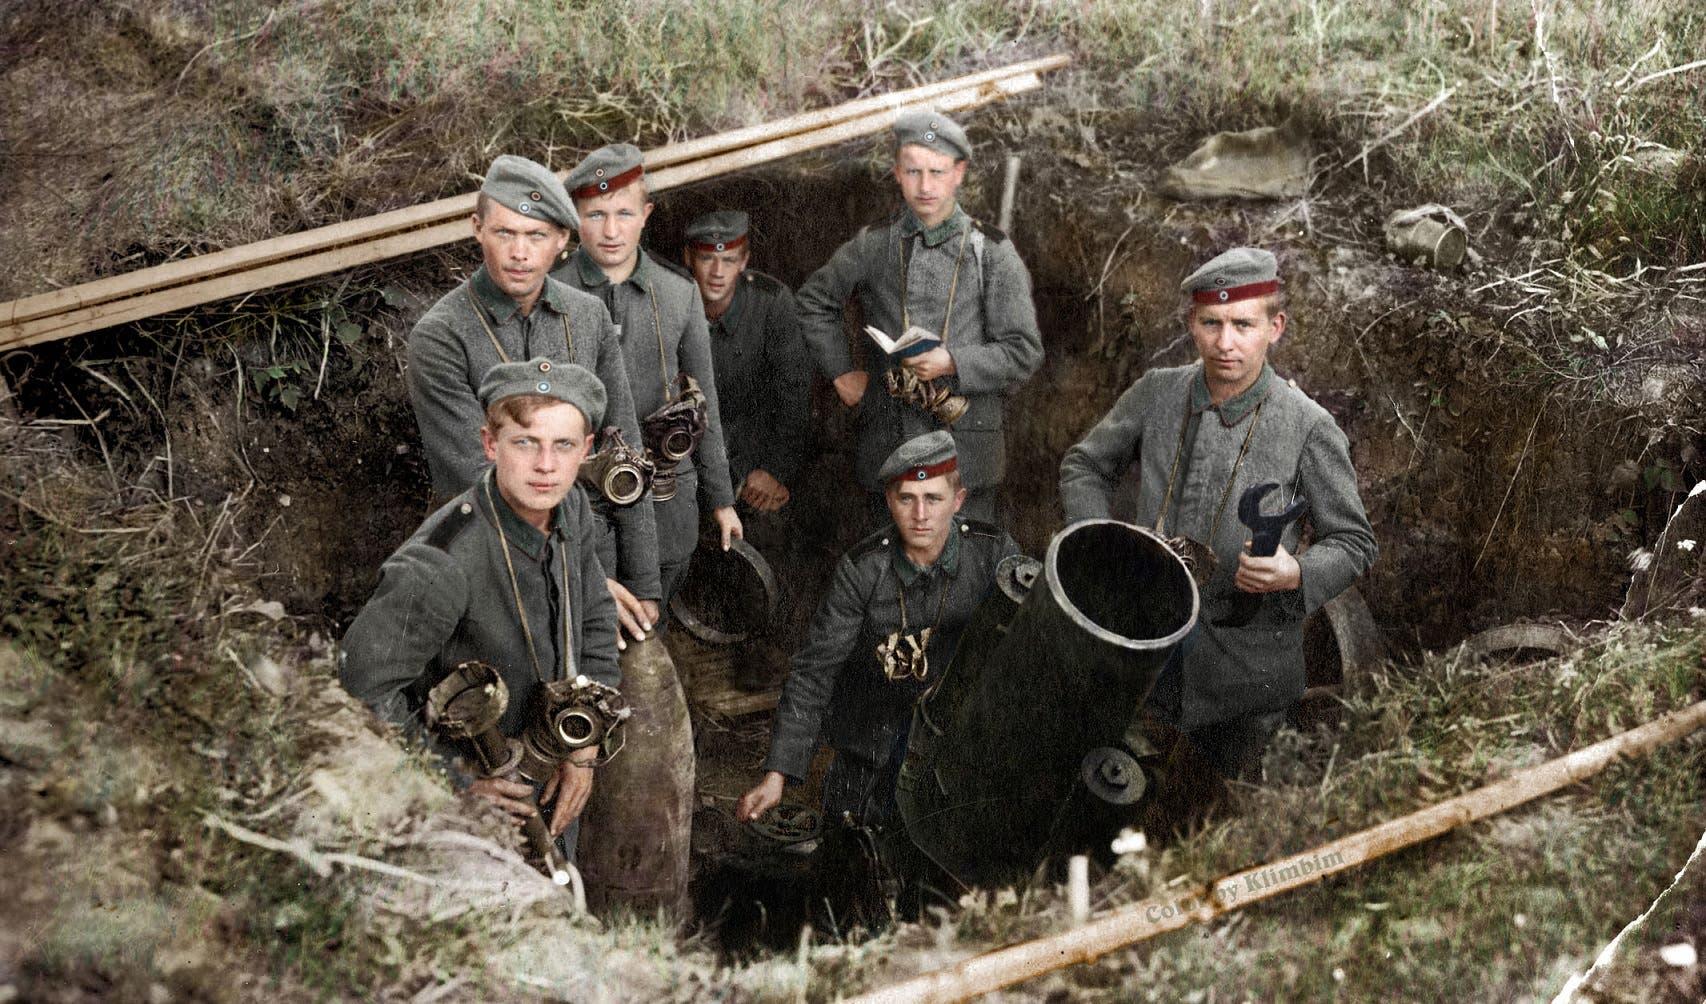 صورة ملونة اعتمادا على التقنيات الحديثة لجنود ألمان خلال الحرب العالمية الأولى